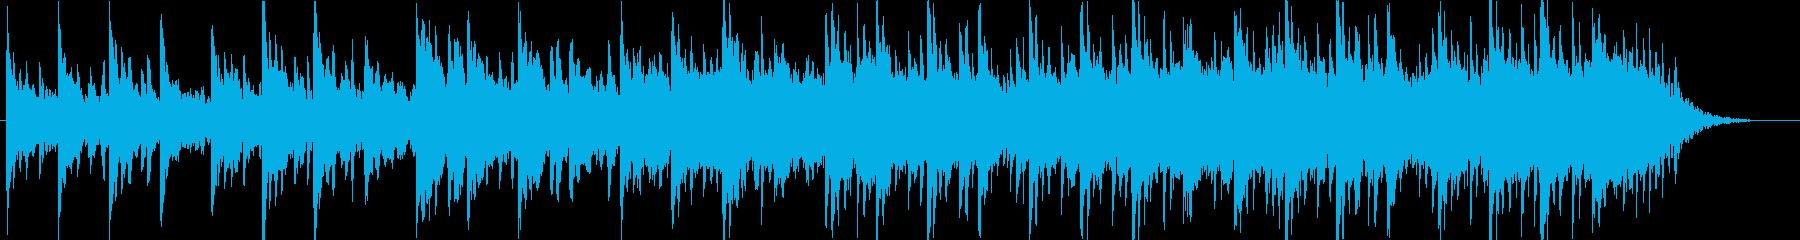 ピアノ、アコギの静かな打ち込み系の再生済みの波形